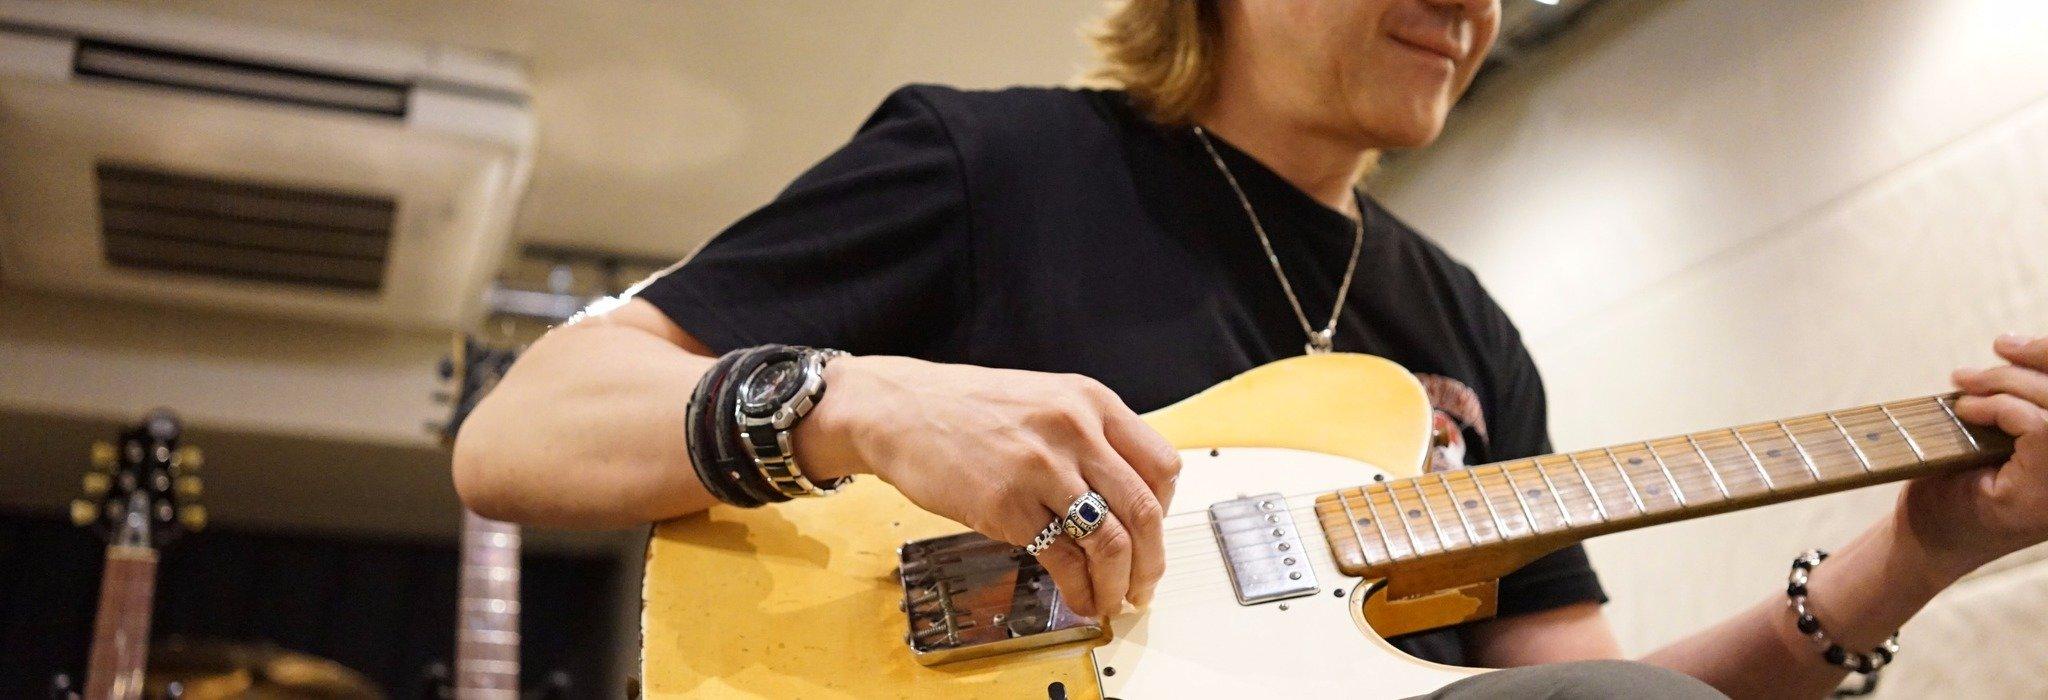 所有ギターは約300本!ギタリスト・野村義男さんが語る「私がギターを集める理由」。_image